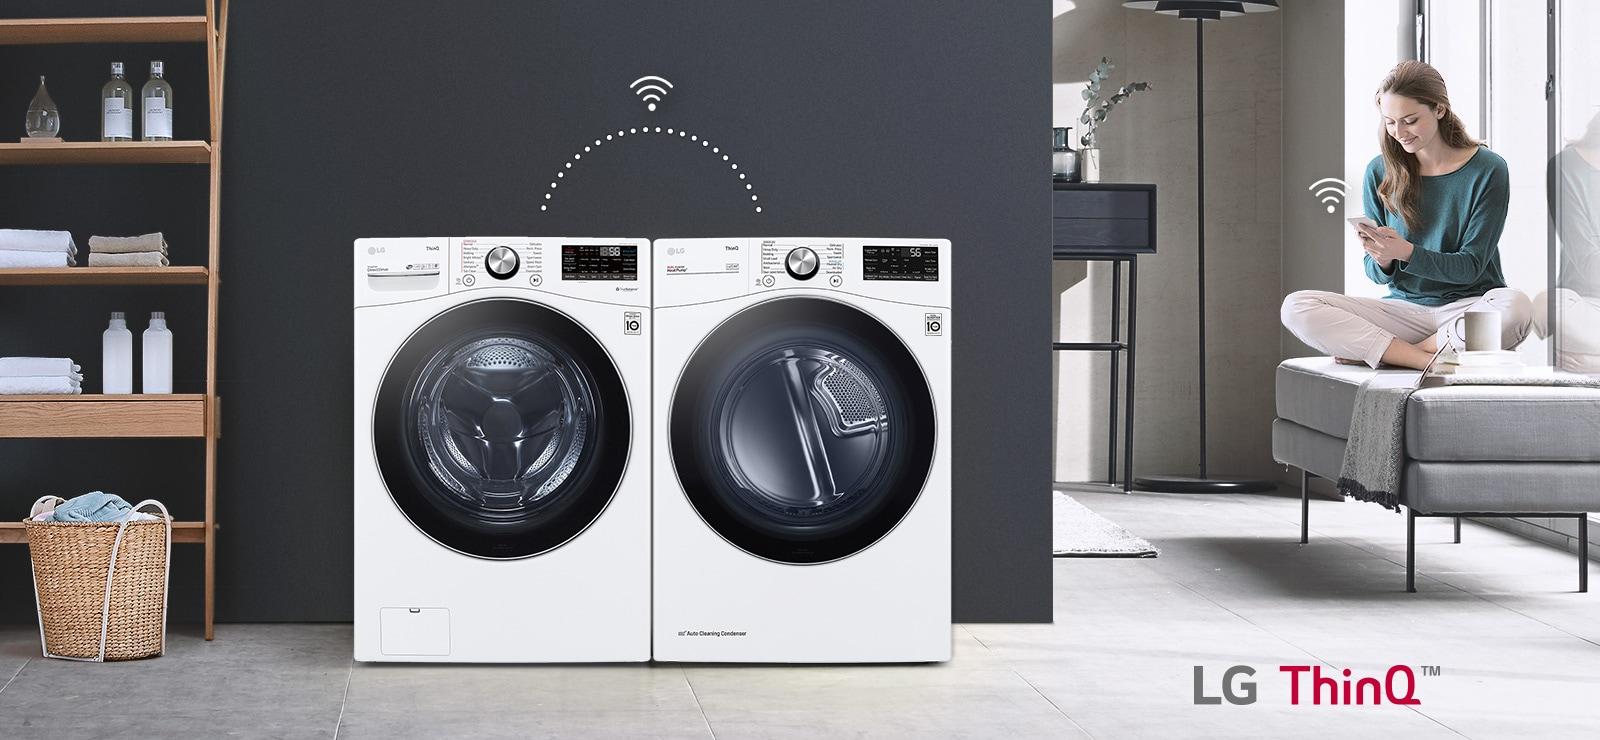 頂部的三個圖示表示輪播中有三張圖片。第三個標示為「智慧行程配對」的圖示為紅色。使用者只要坐在沙發上,就可使用 LG ThinQ 應用程式控制乾衣機和洗衣機(滾筒洗衣機)。WiFi 圖示位於乾衣機和洗衣機之間,其上是使用者的手機。